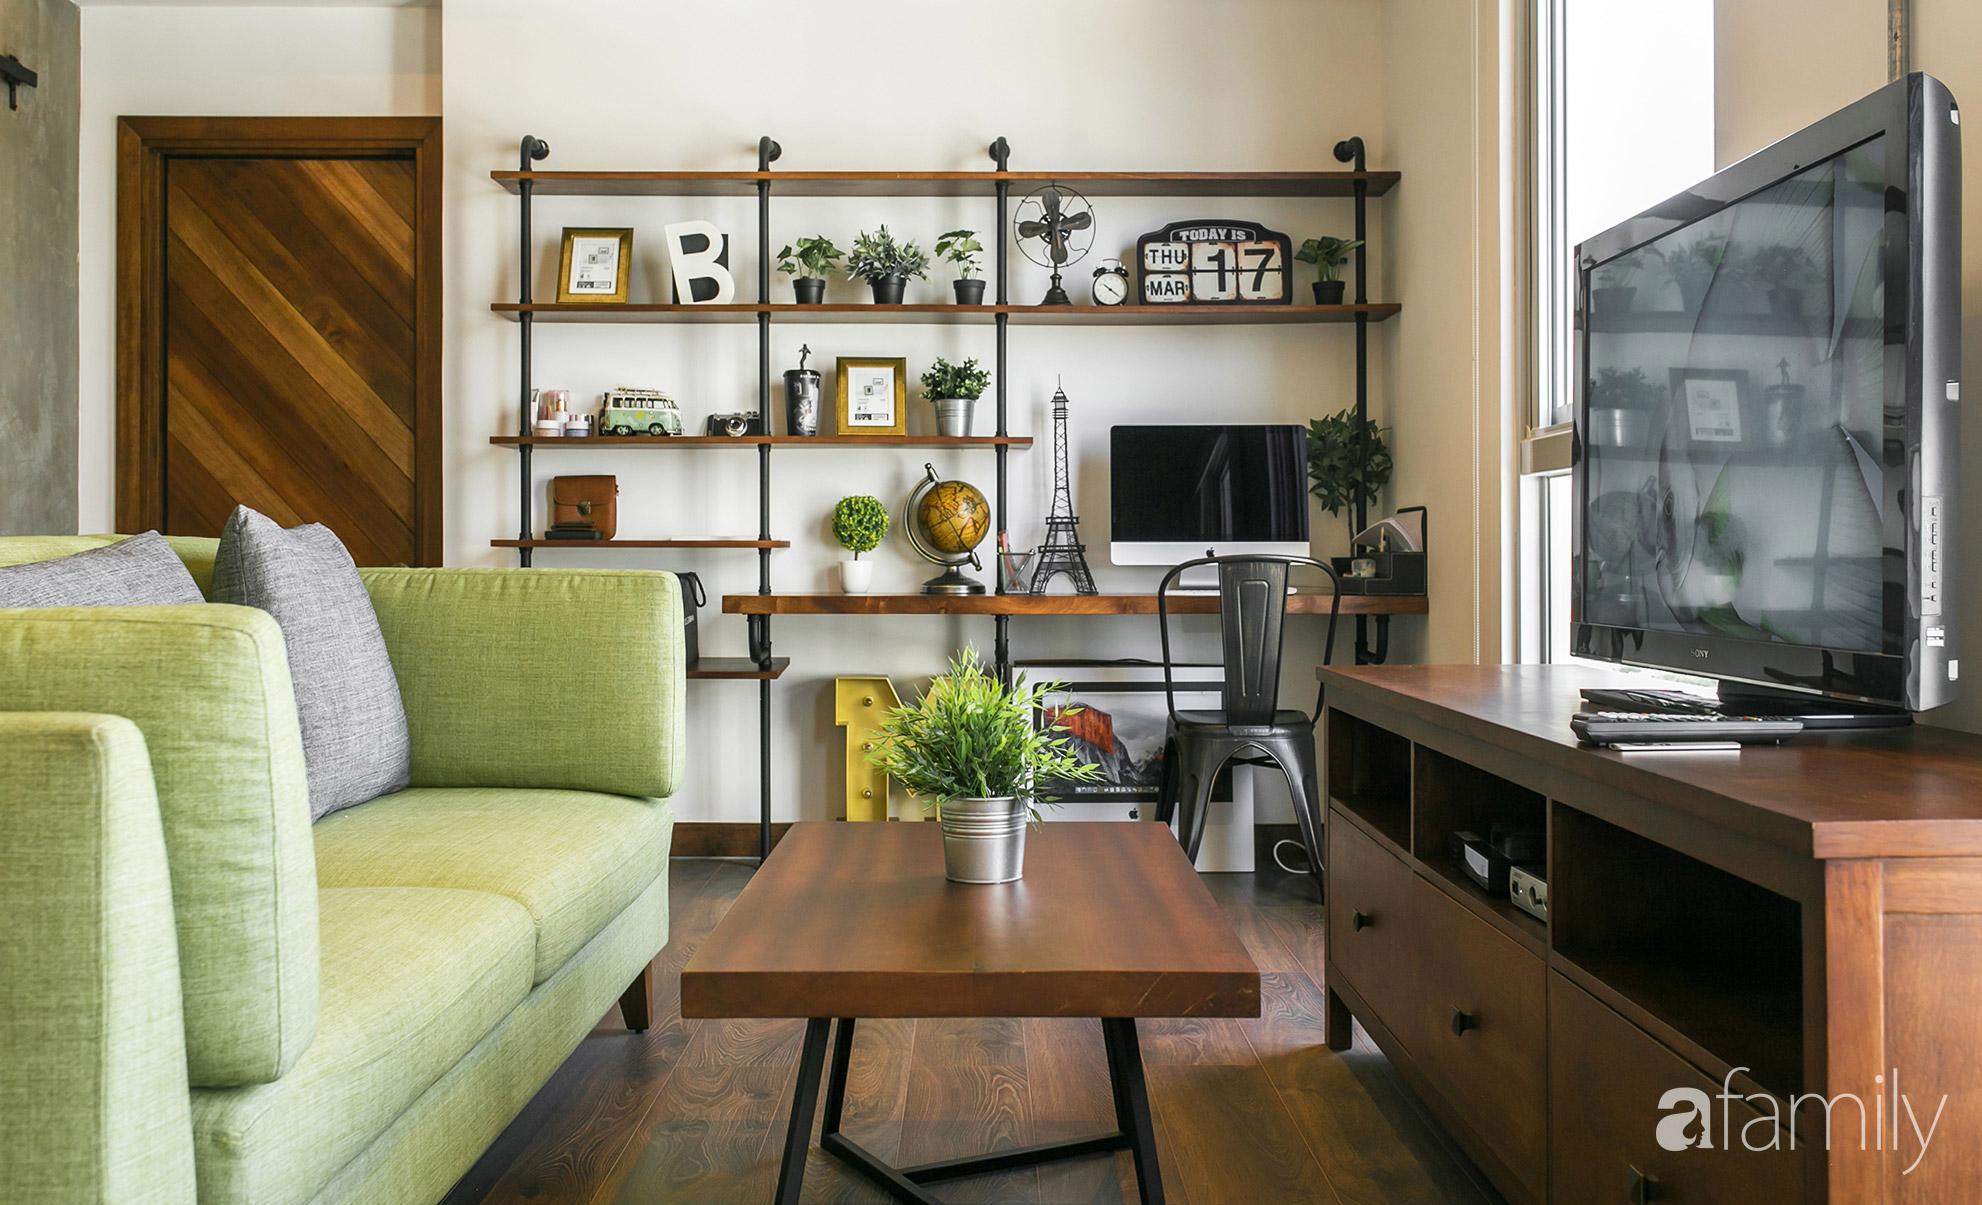 Muốn nhà đẹp như căn hộ 5 tỷ này, đừng phó mặc không gian sống cho người khác toàn quyền quyết định - Ảnh 8.